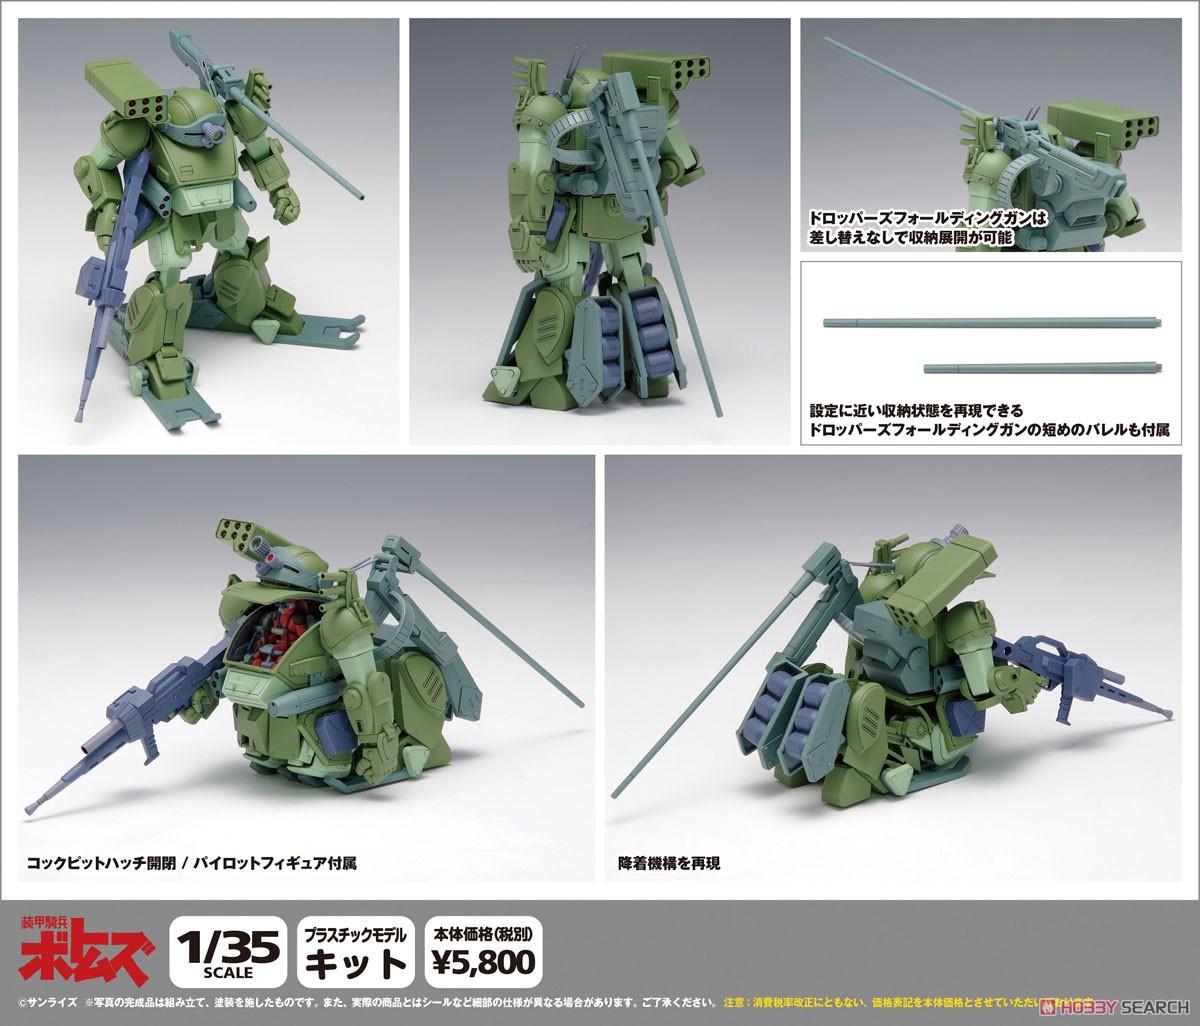 装甲騎兵ボトムズ『バーグラリードッグ PS版』1/35 プラモデル-014